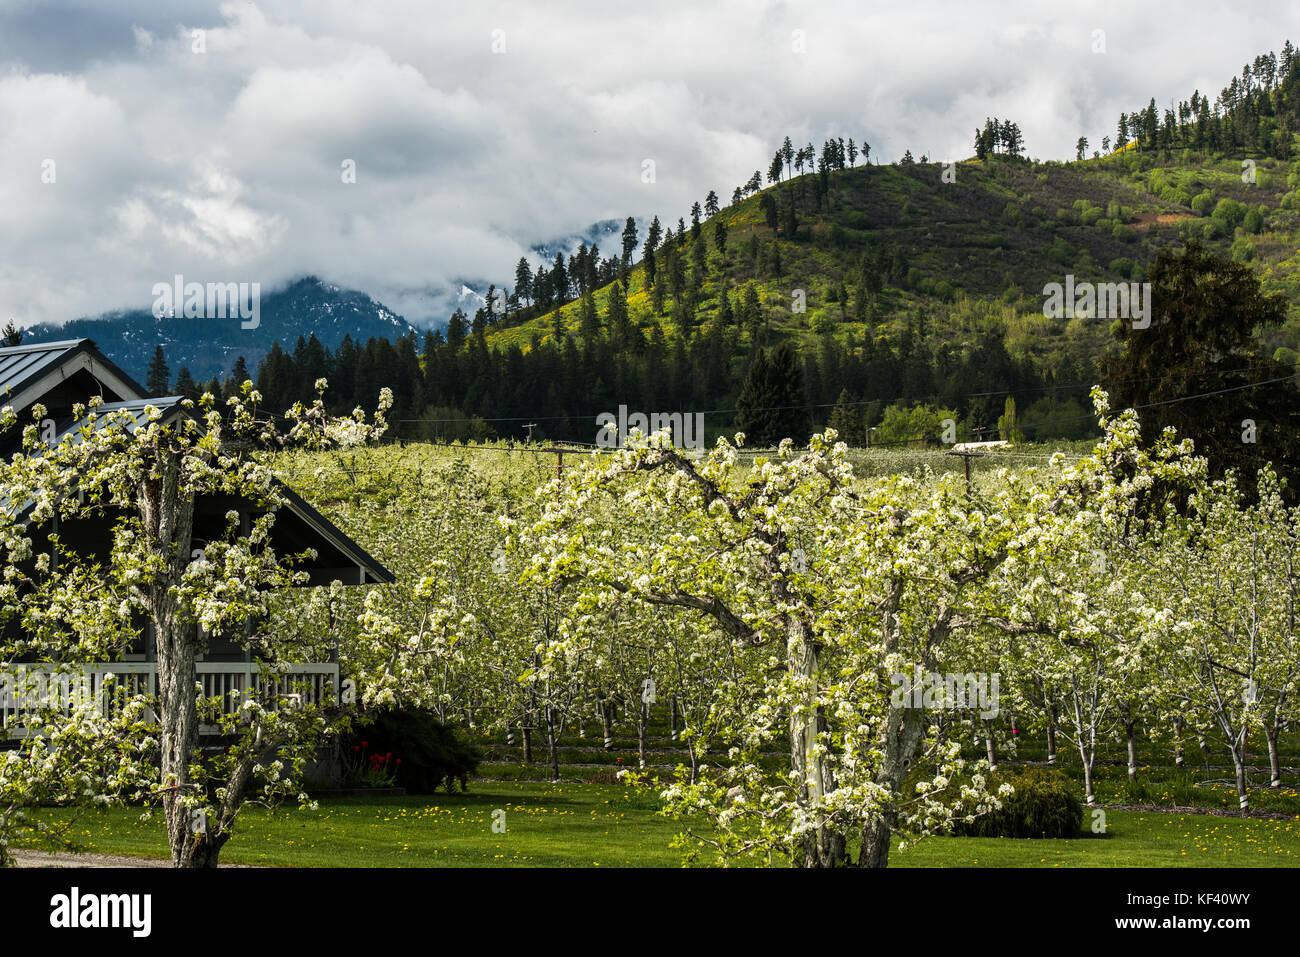 apple orchards stockfotos apple orchards bilder alamy. Black Bedroom Furniture Sets. Home Design Ideas